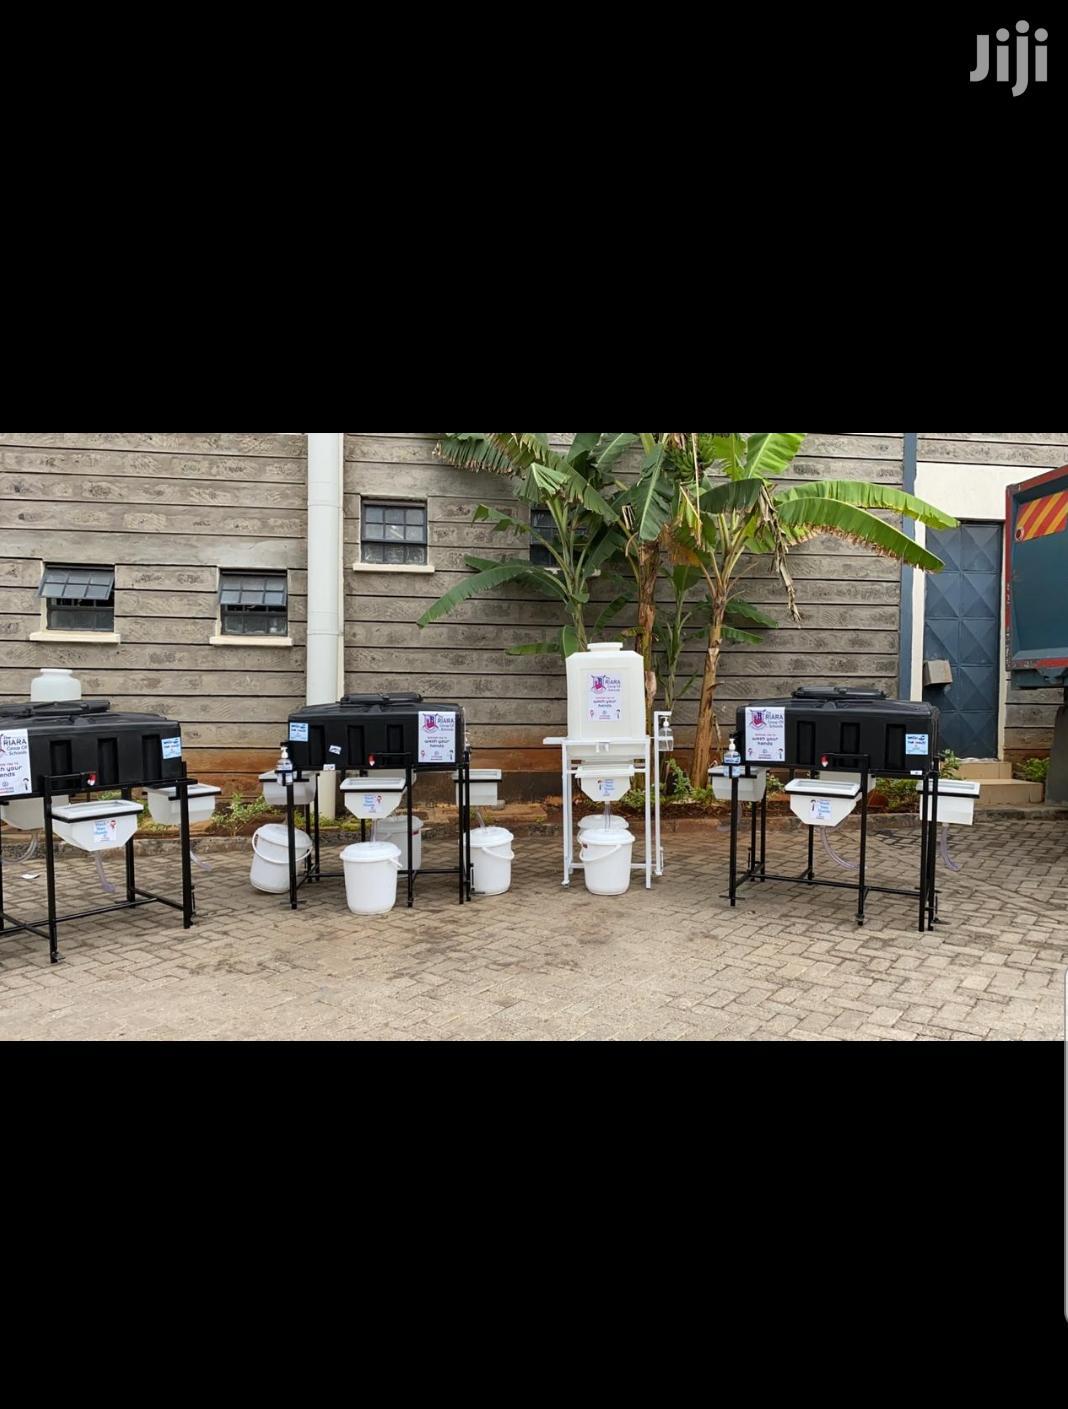 4 Sink Handwashing Station | Plumbing & Water Supply for sale in Nairobi Central, Nairobi, Kenya